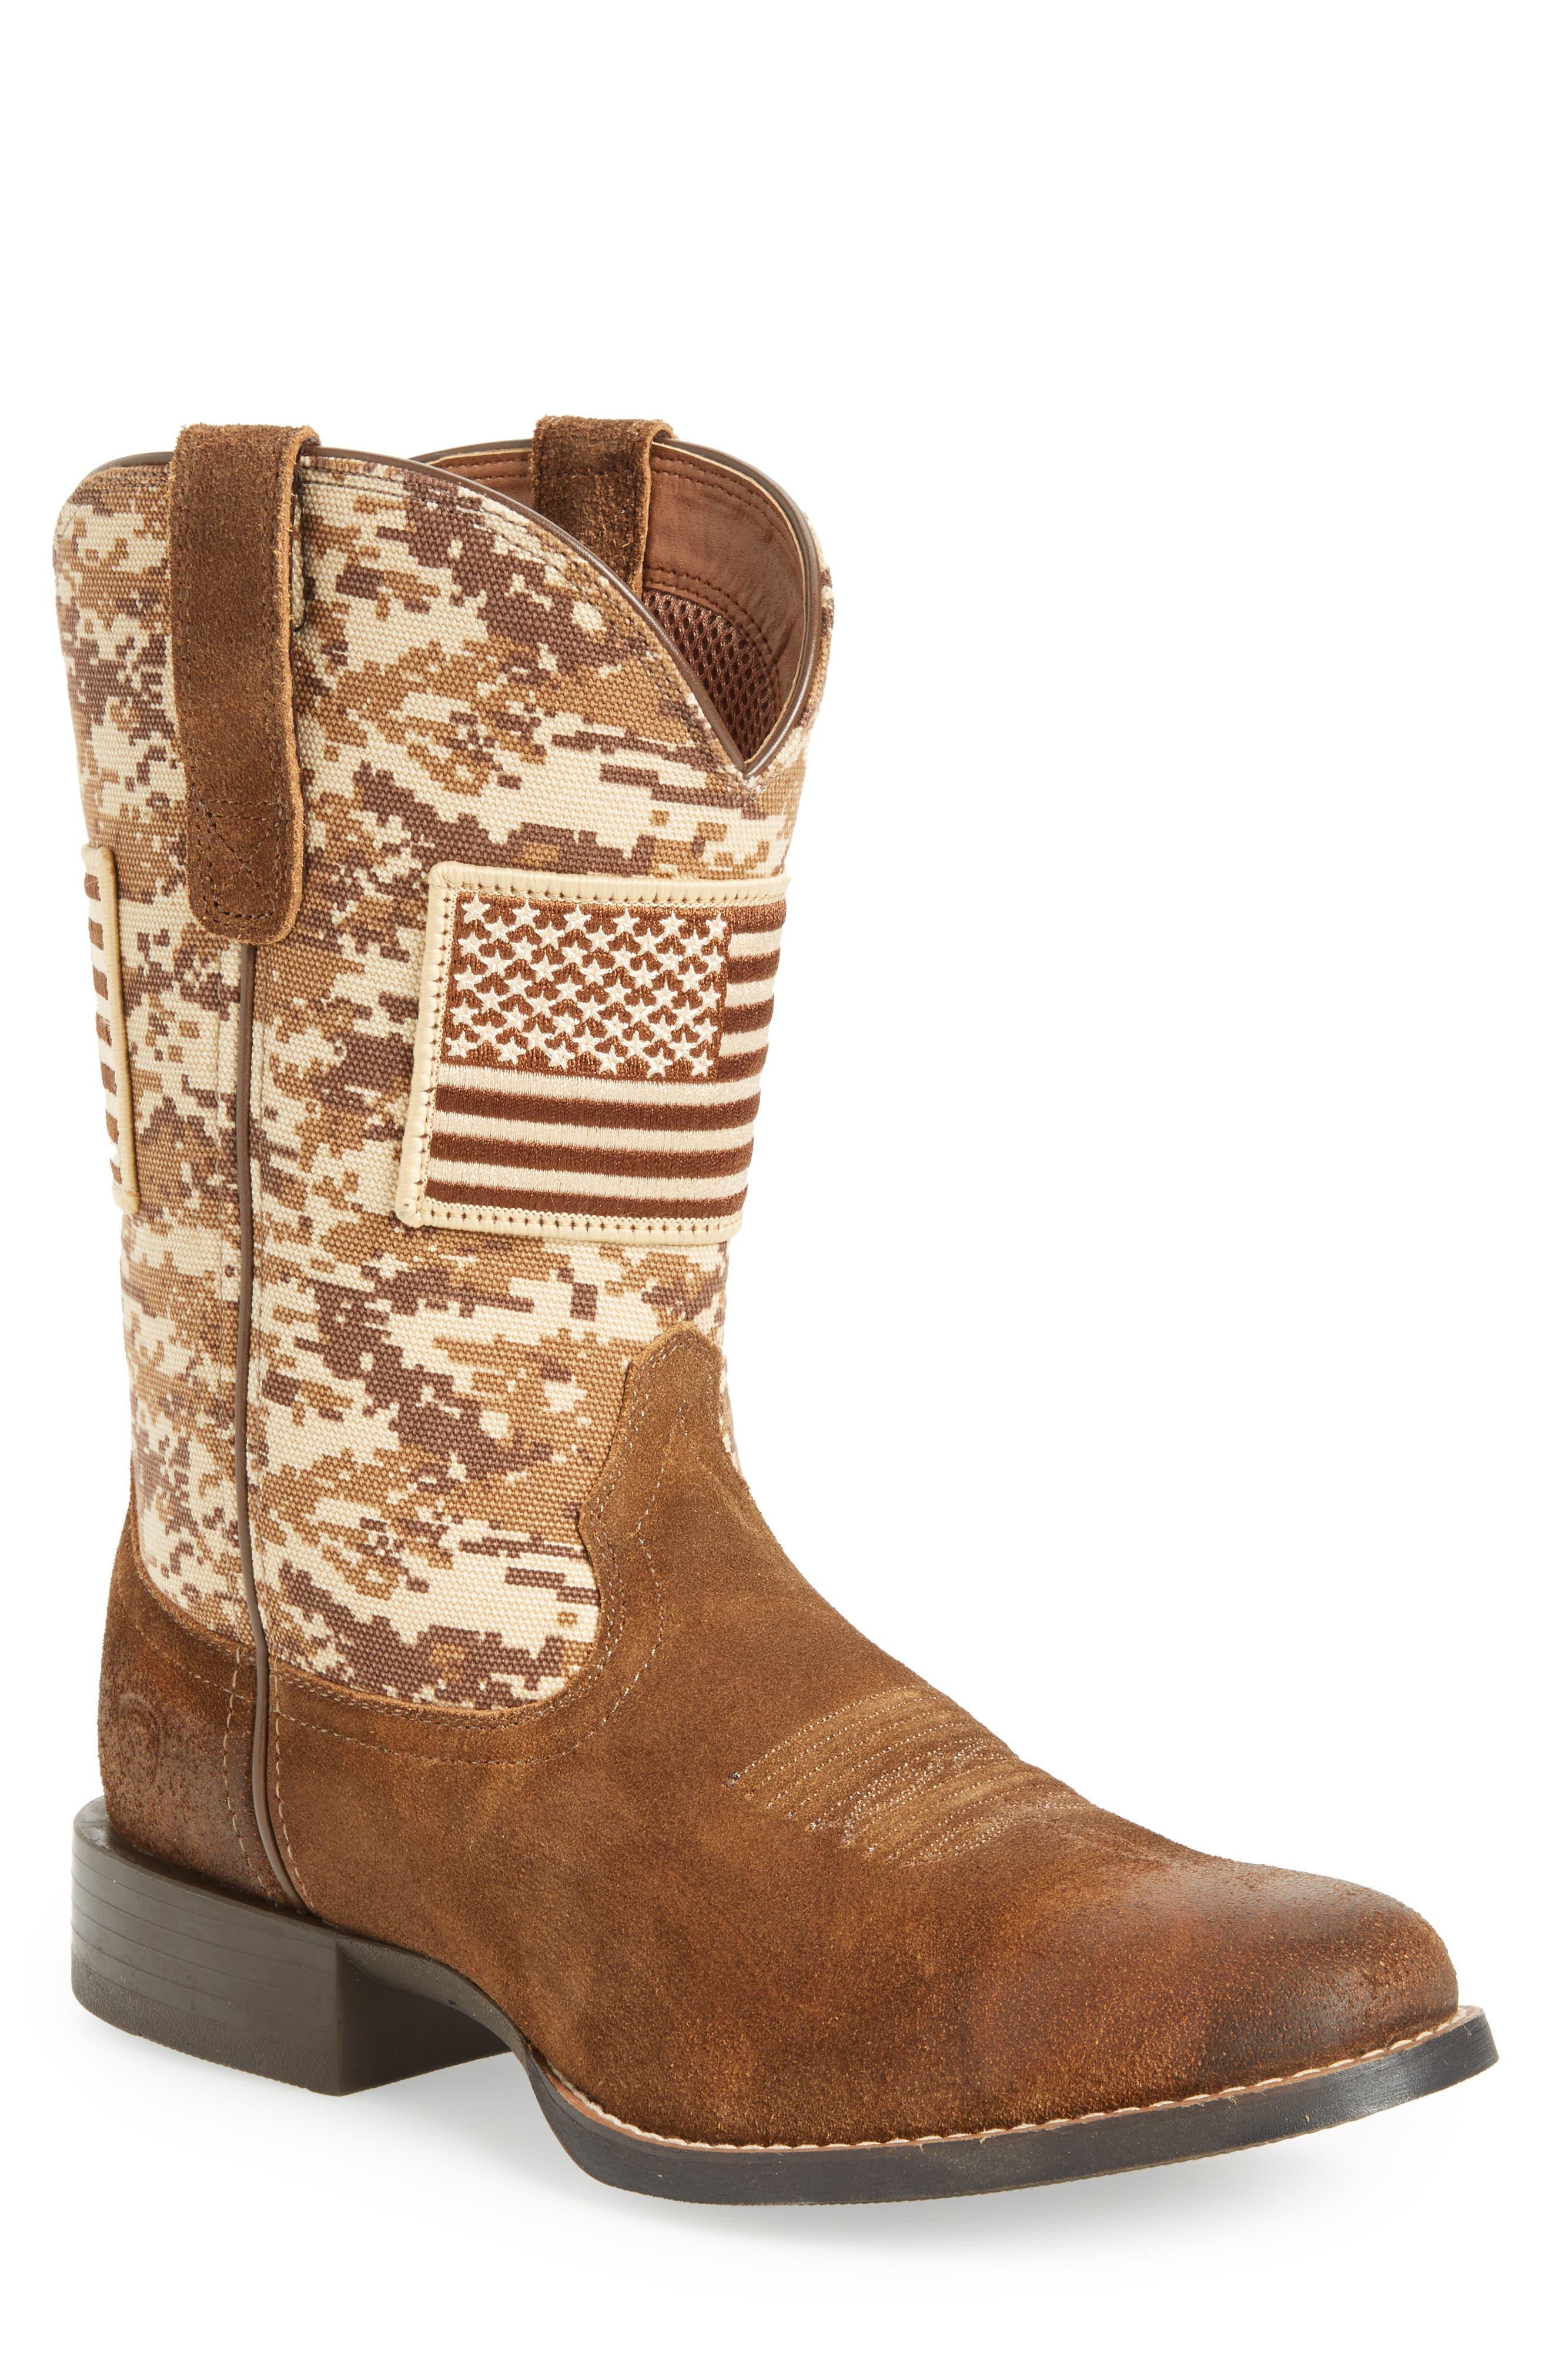 Sport Patriot Cowboy Boot,                             Main thumbnail 1, color,                             Antique Mocha/ Sand Leather